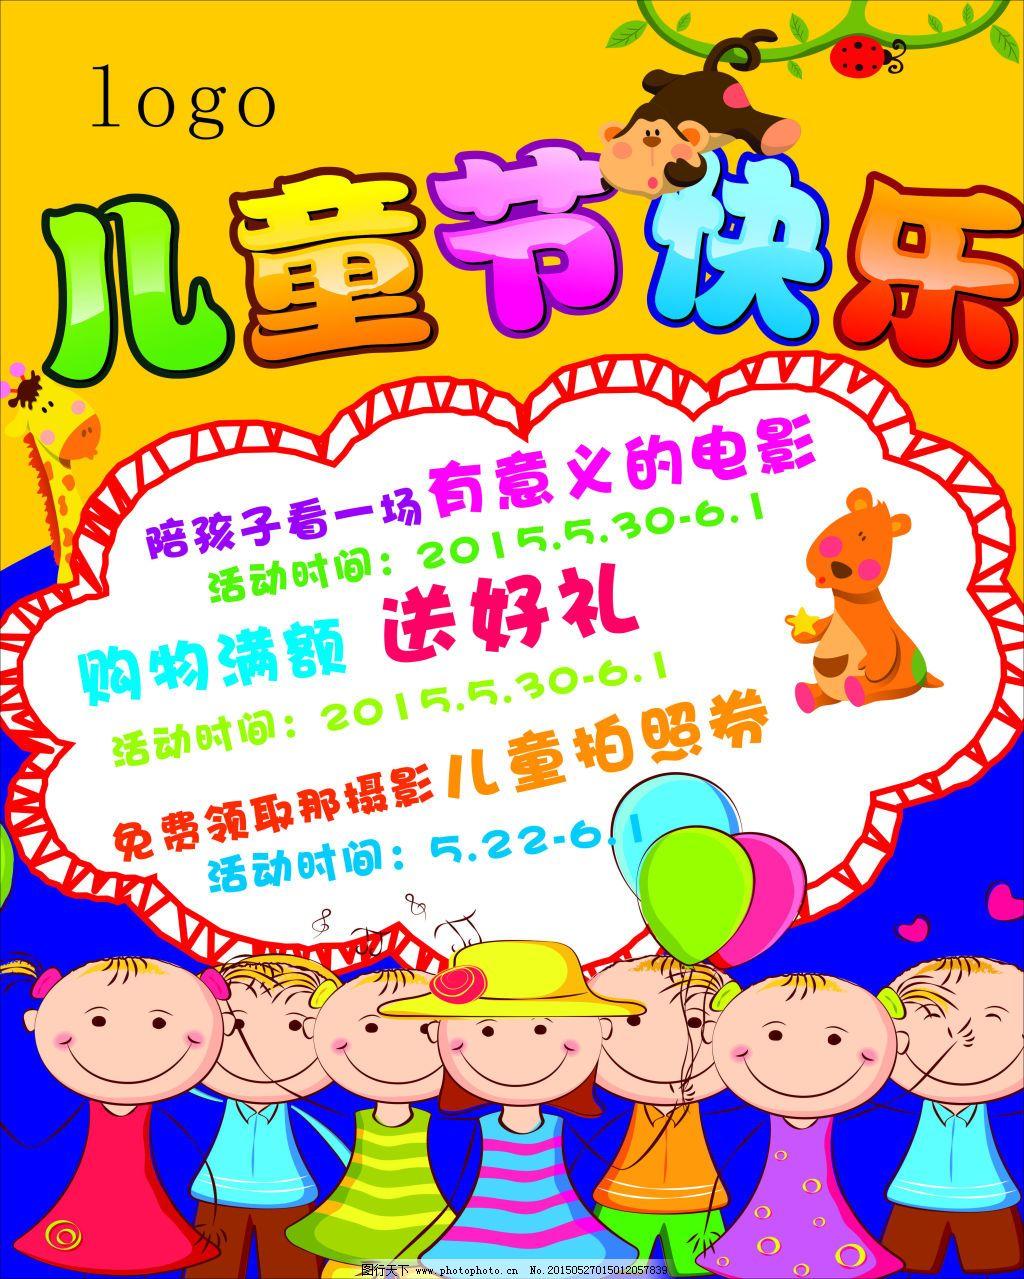 卡通人物 六一 气球 六一 儿童节快乐 卡通人物 气球 卡通动物 原创